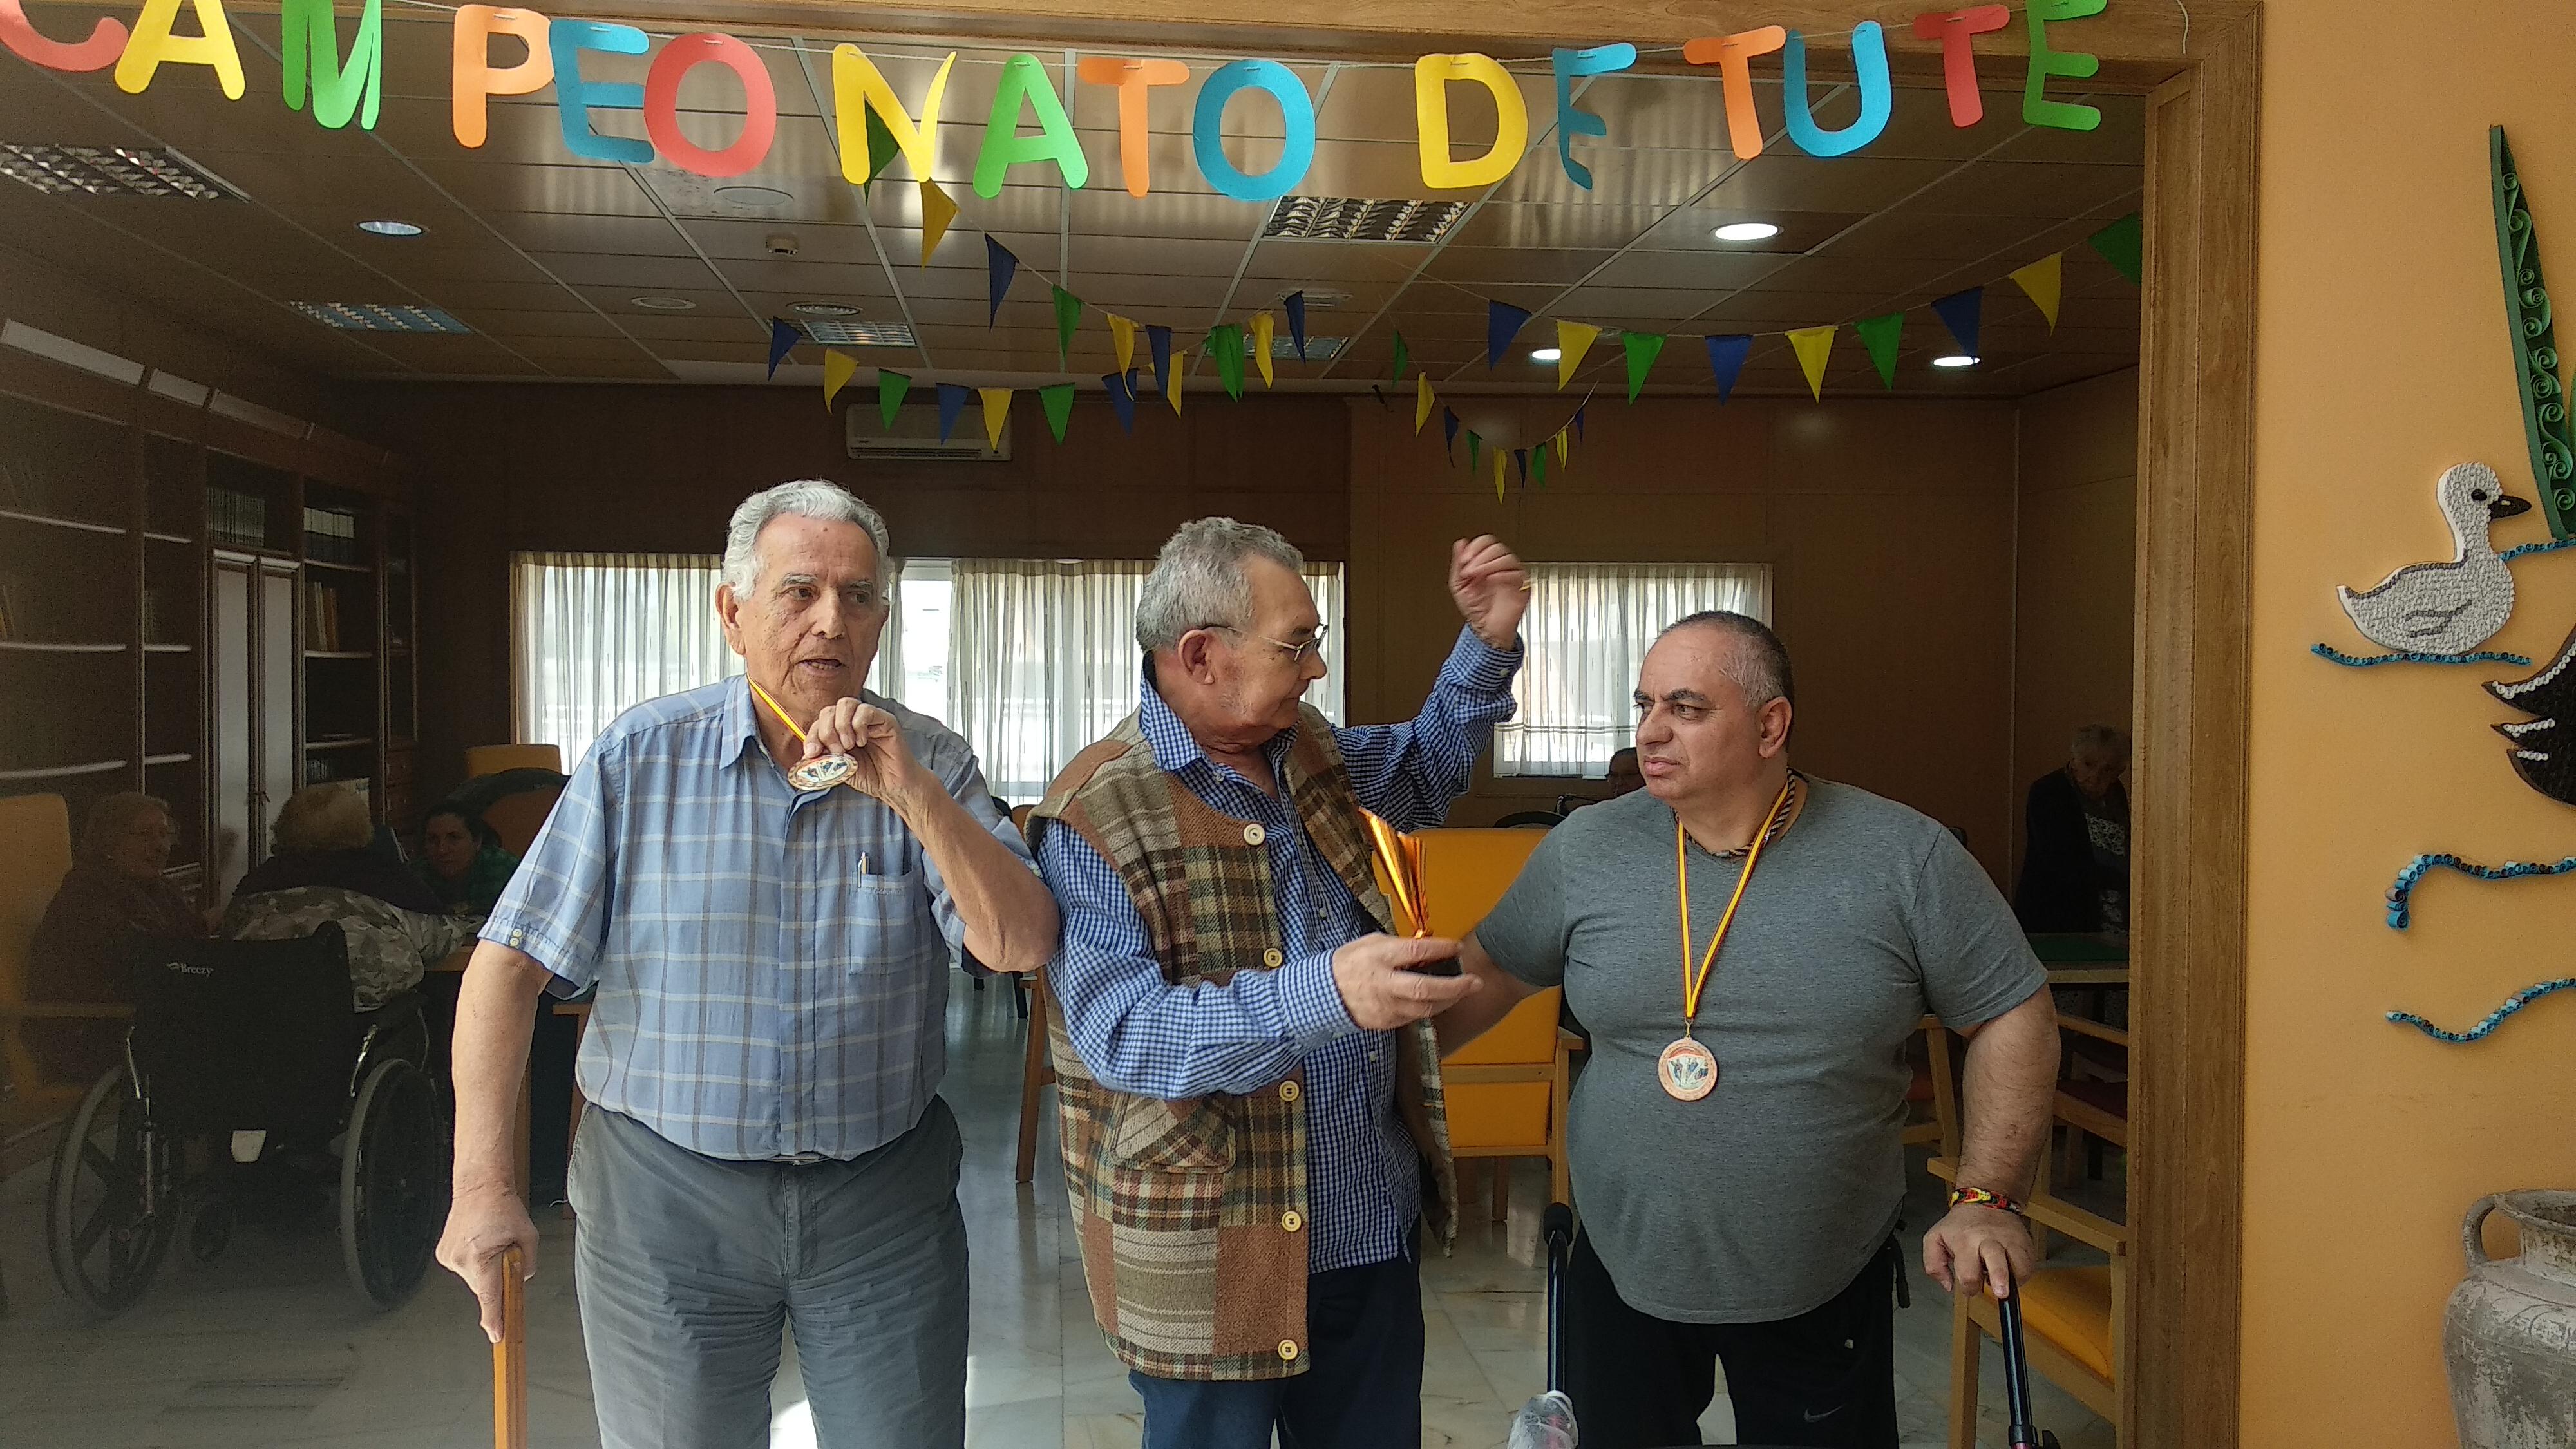 """Celebración del """"Segundo Campeonato de Tute Individual"""" en Urbanización de Mayores"""